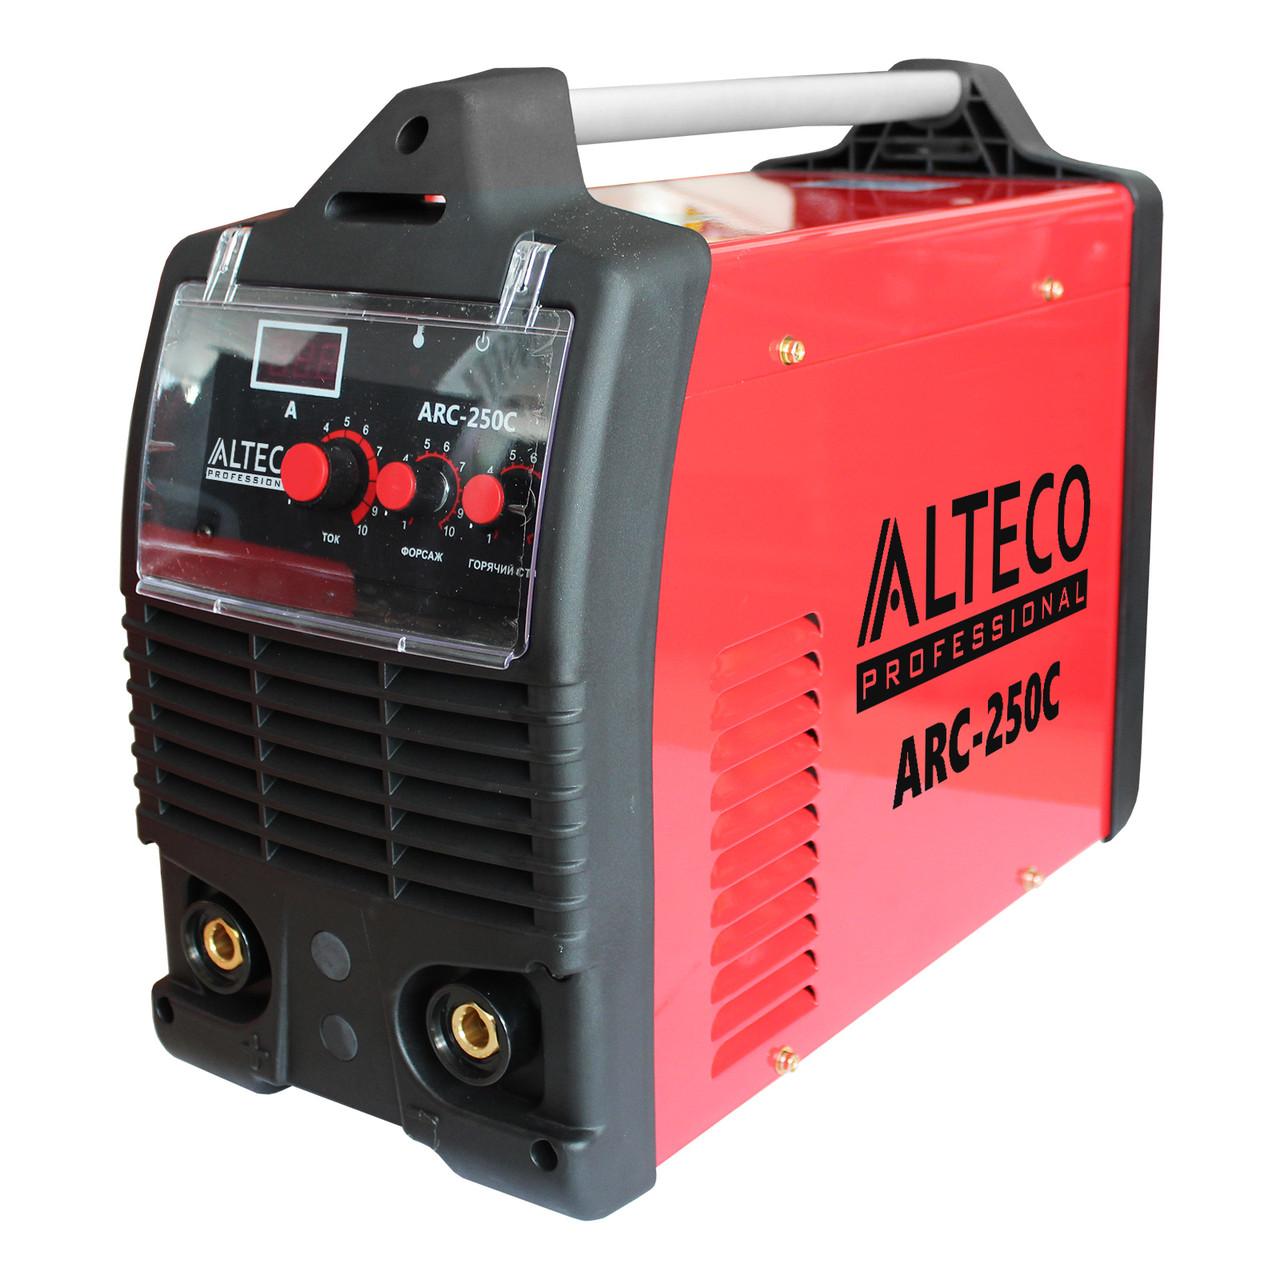 Сварочный аппарат ALTECO ARC-250C 220В/380В Инверторный